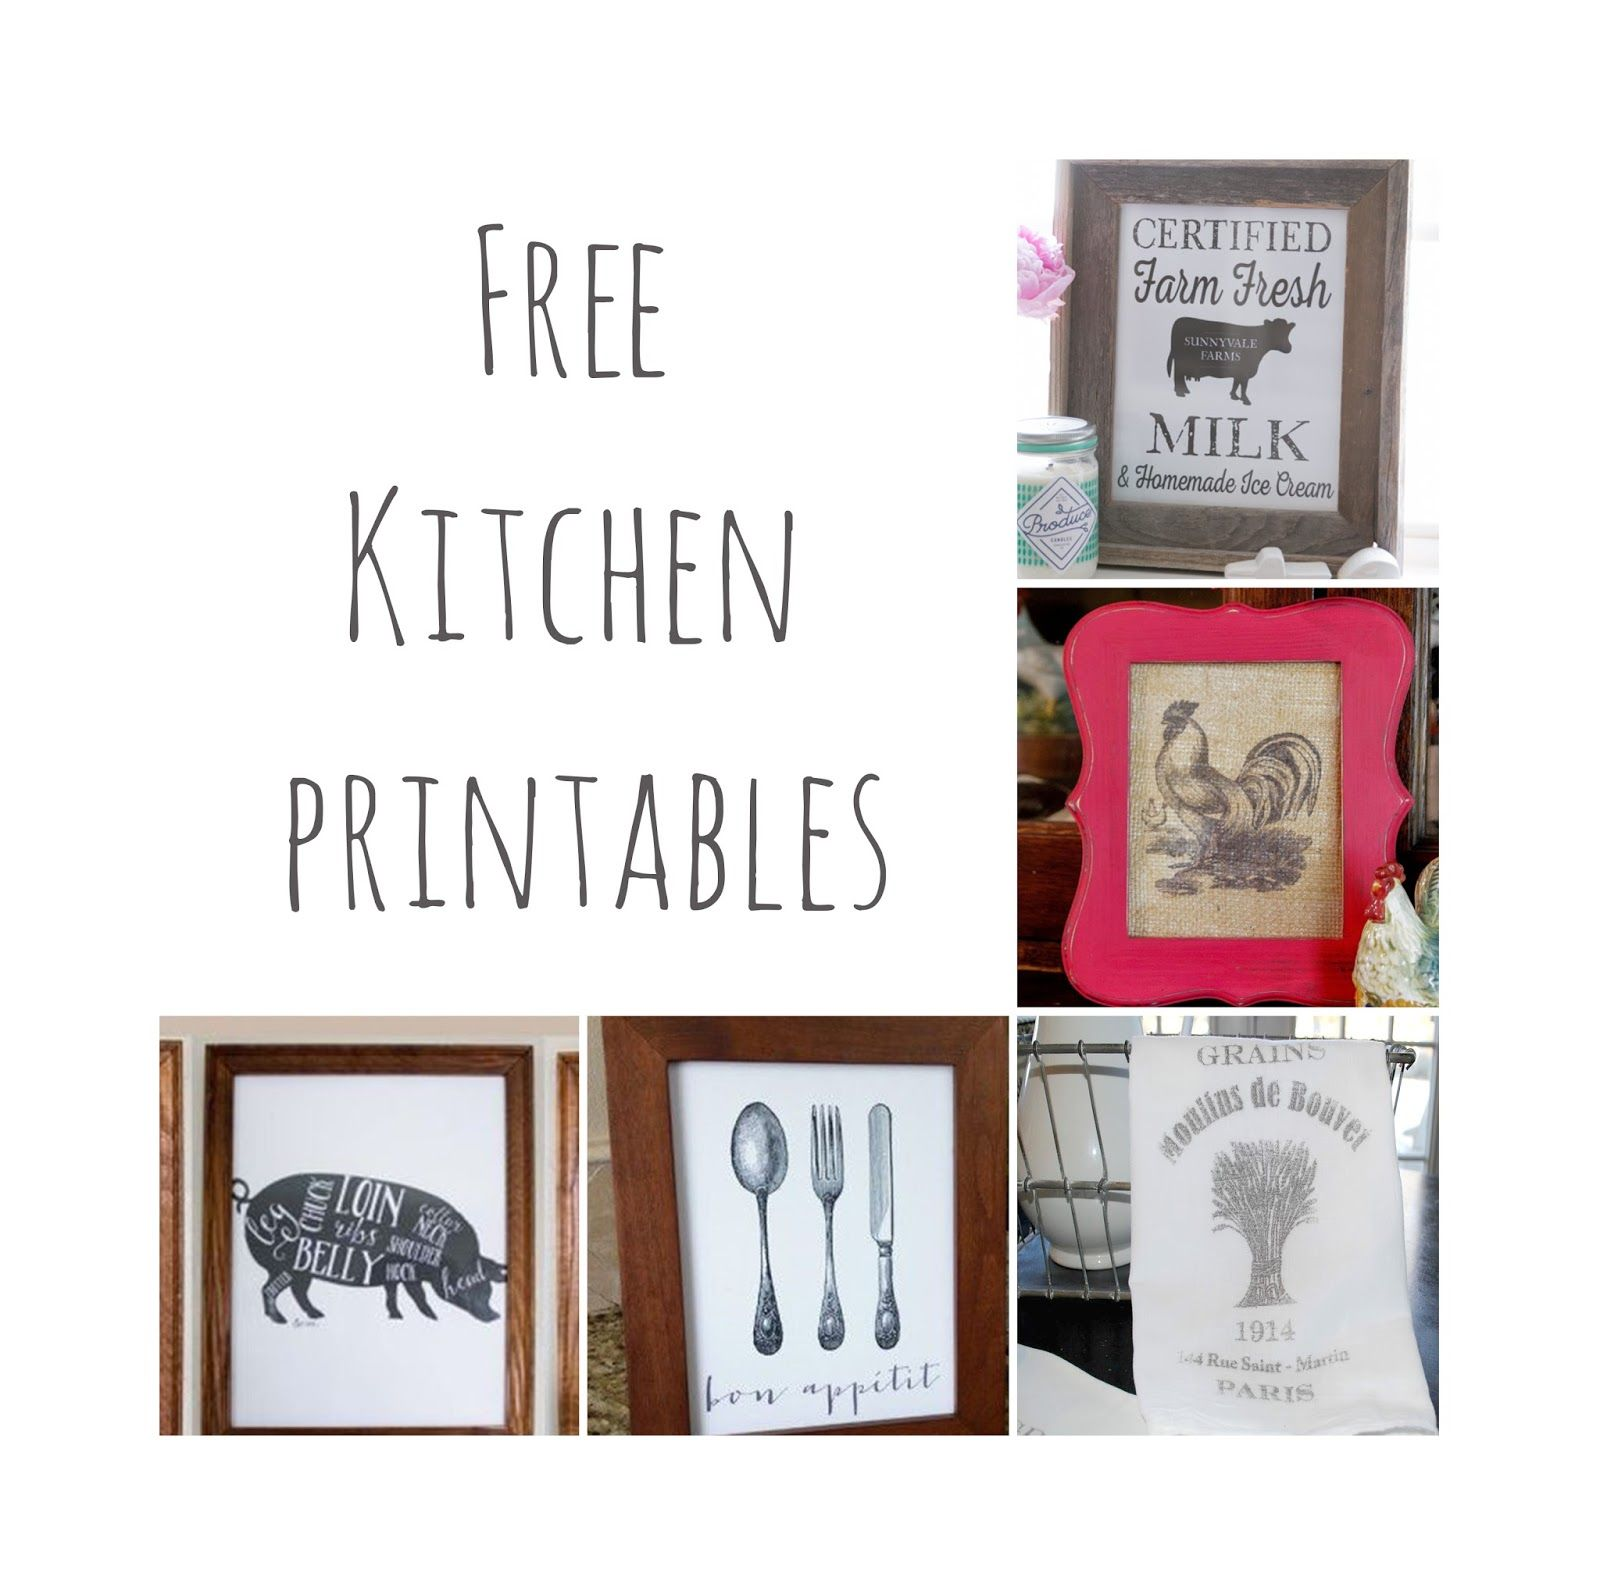 Rustic Kitchen Signs: Free Kitchen Printables. Farmhouse Kitchen Decor.